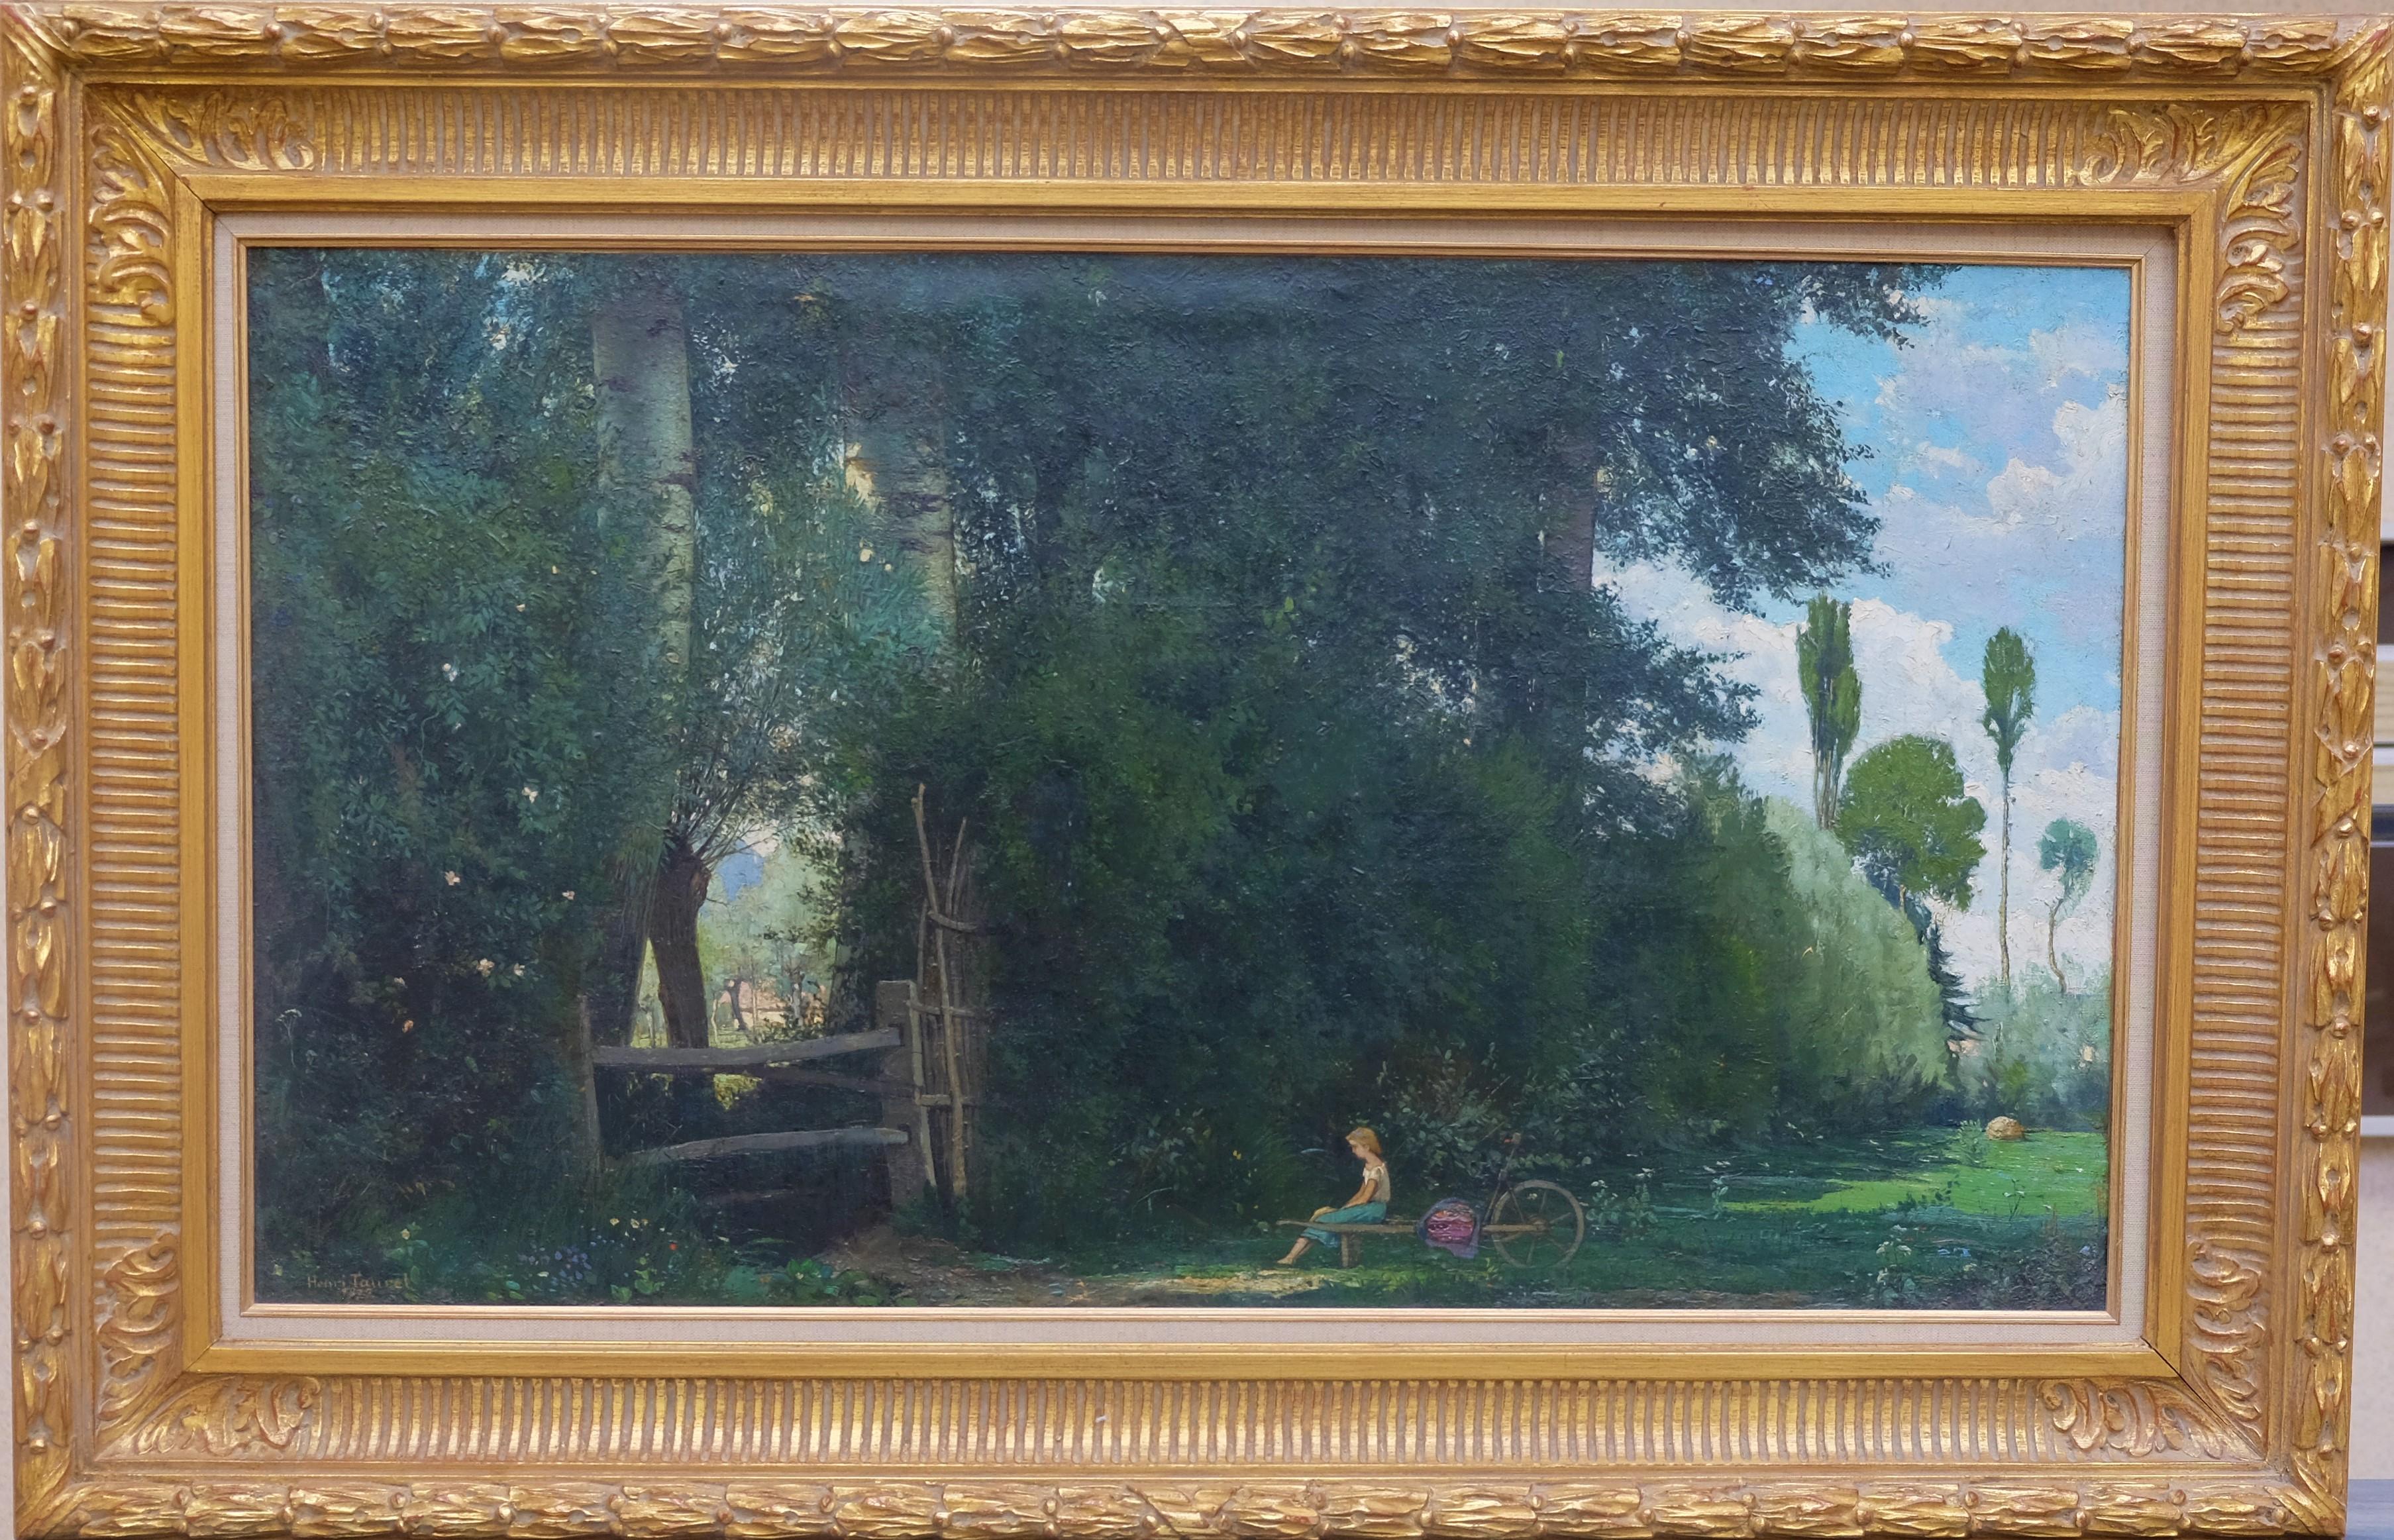 TAUREL Henri (1843-1927). Fillette assise sur une brouette. Huile sur toile. Signée en bas à